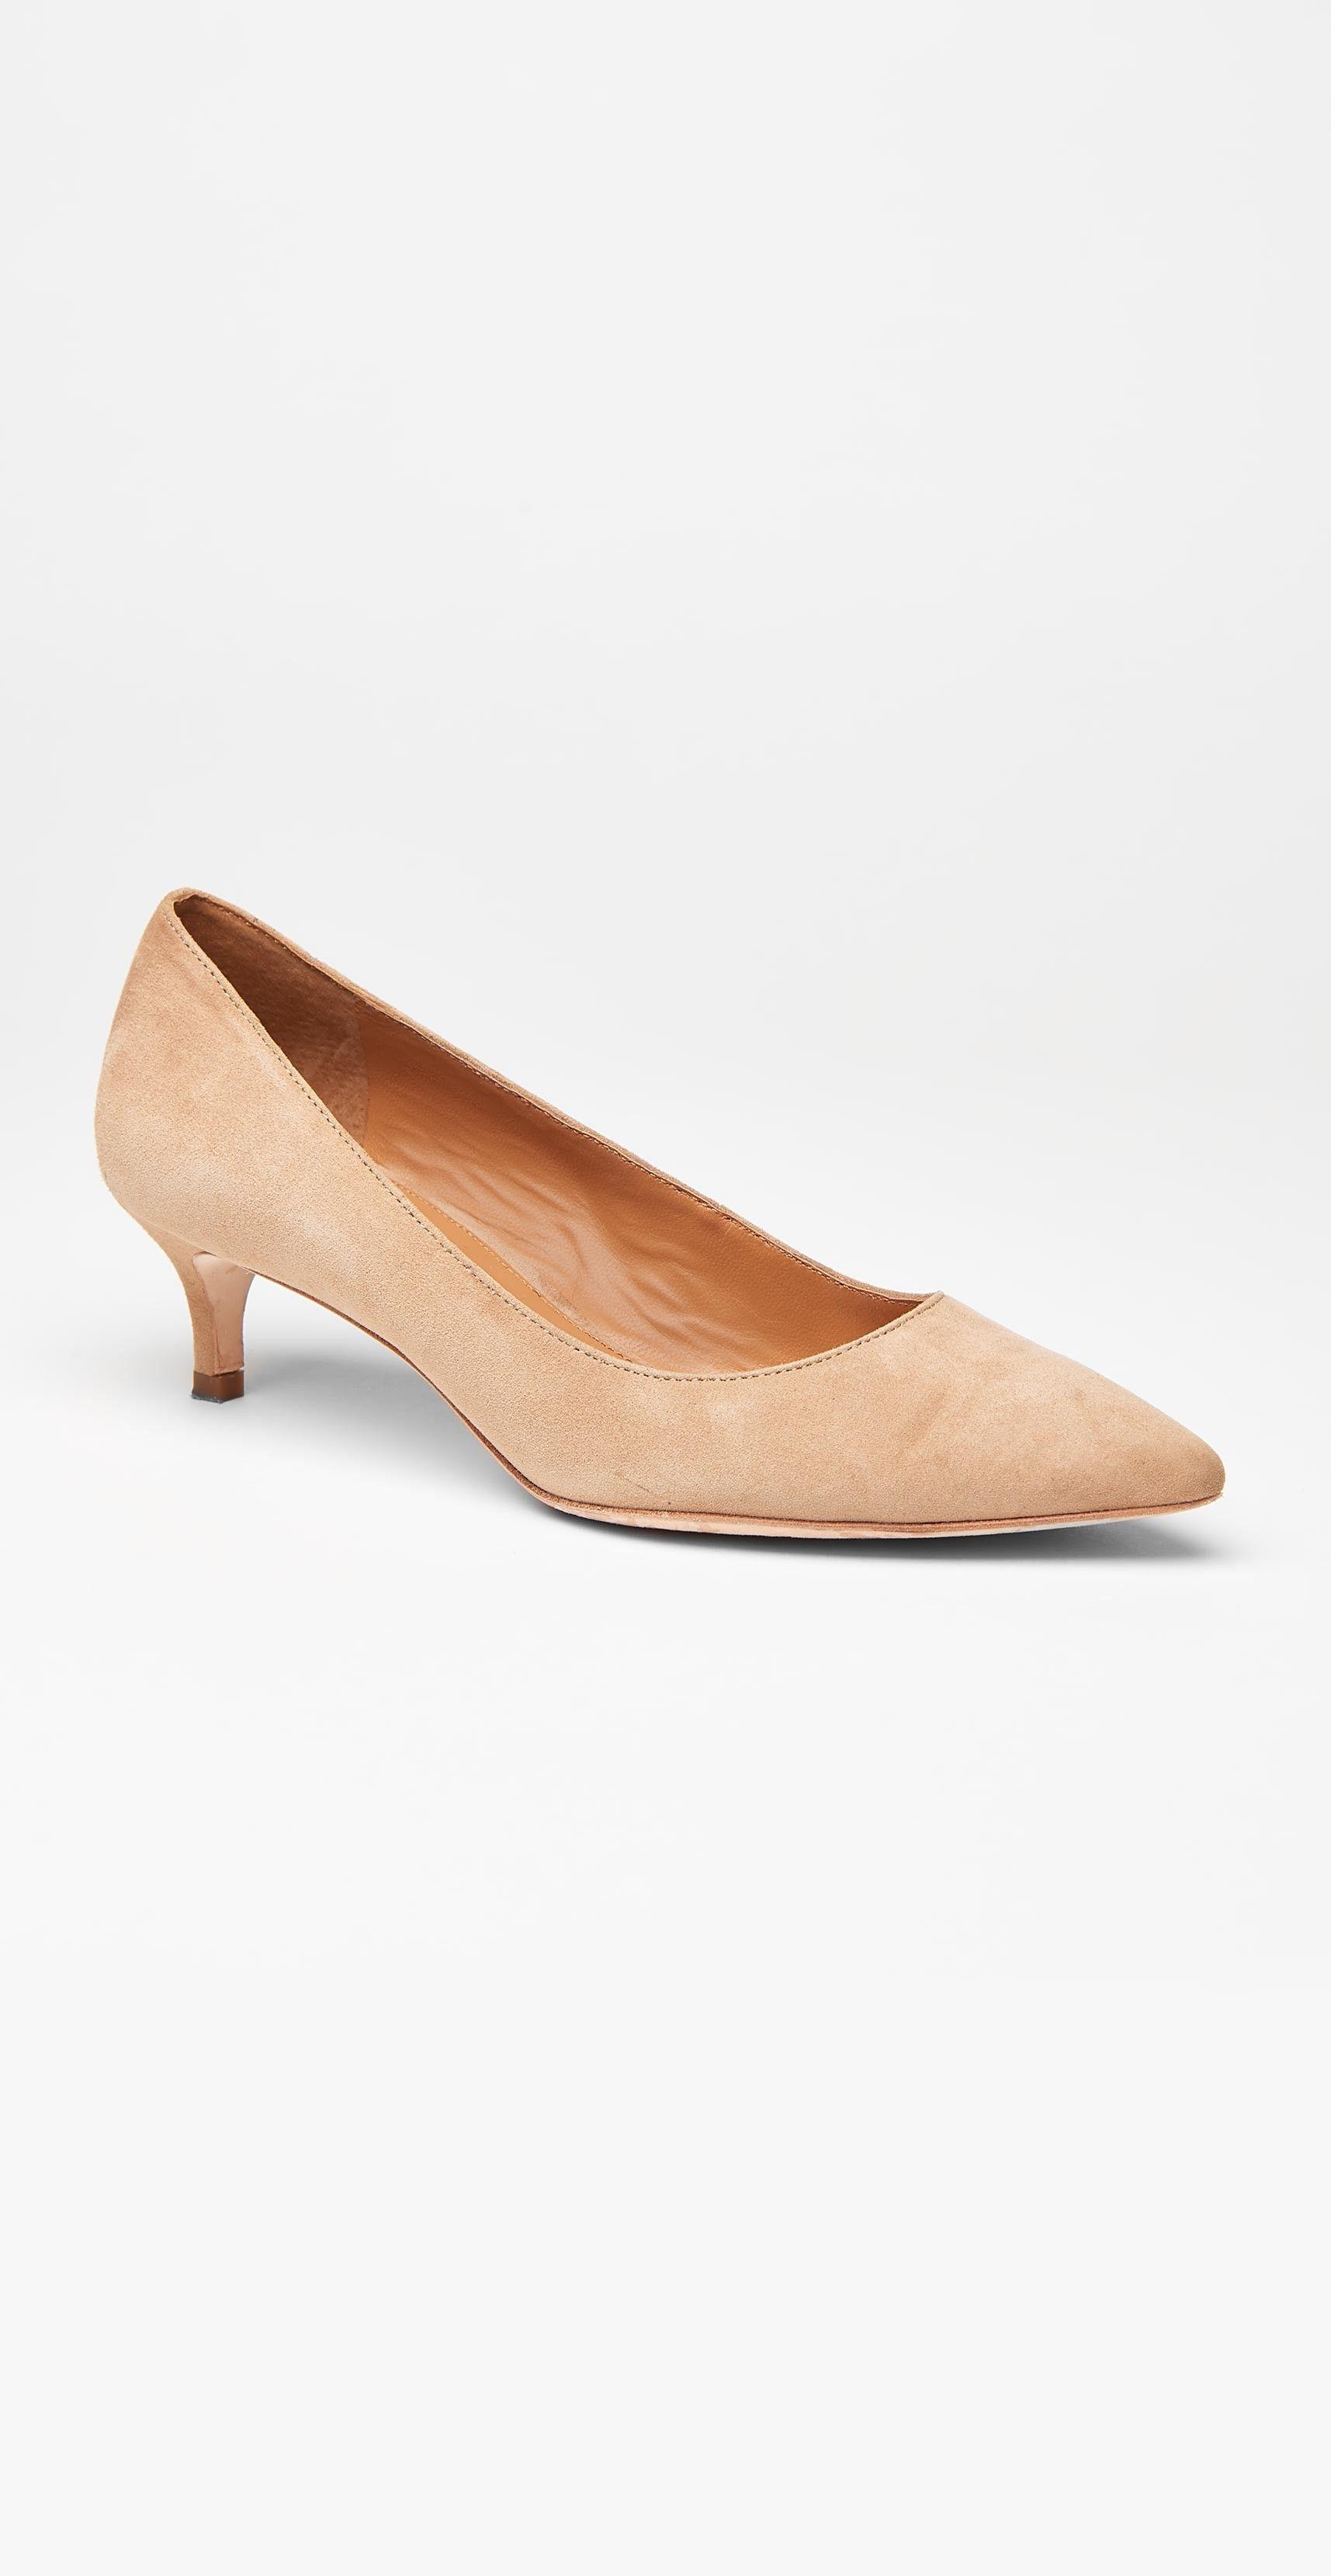 J Mclaughlin Kat Suede Kitten Heel Kitten Heels Heels Shoes Heels